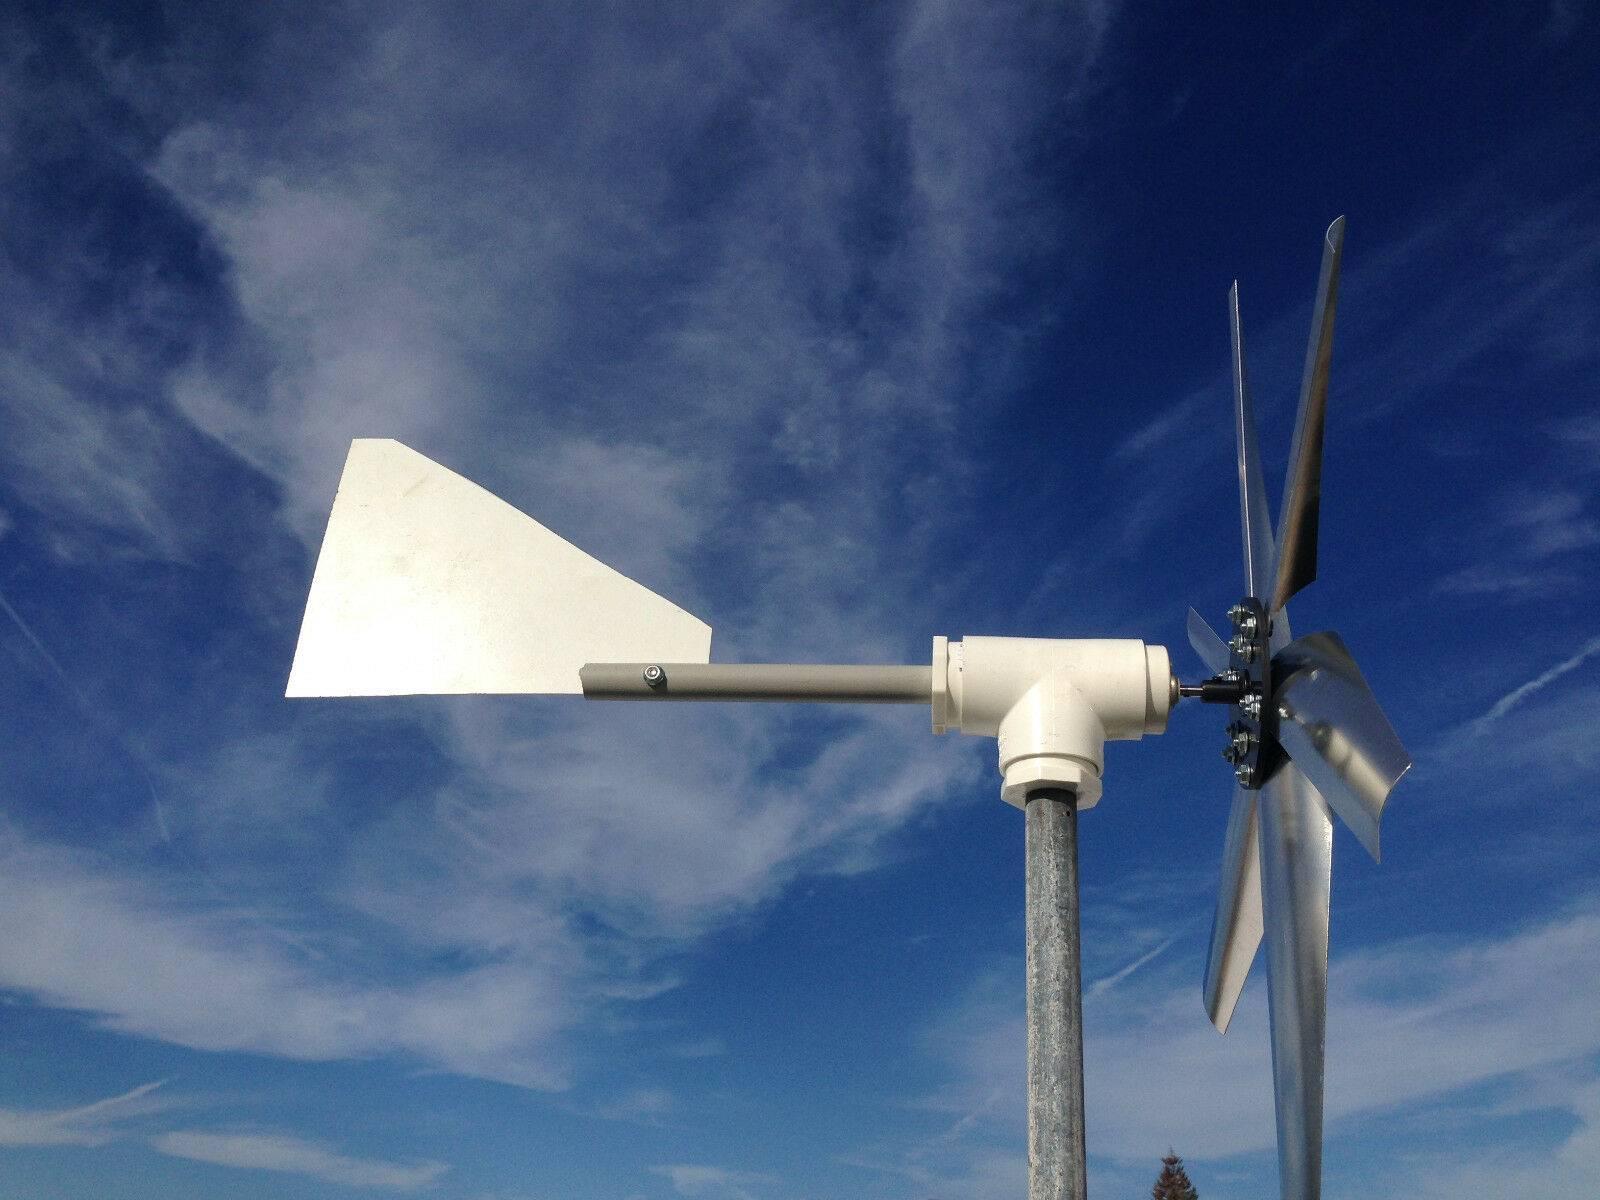 Ветрогенератор своими руками: чертежи, изготовление, генератор для ветряка | блог кладоискателя